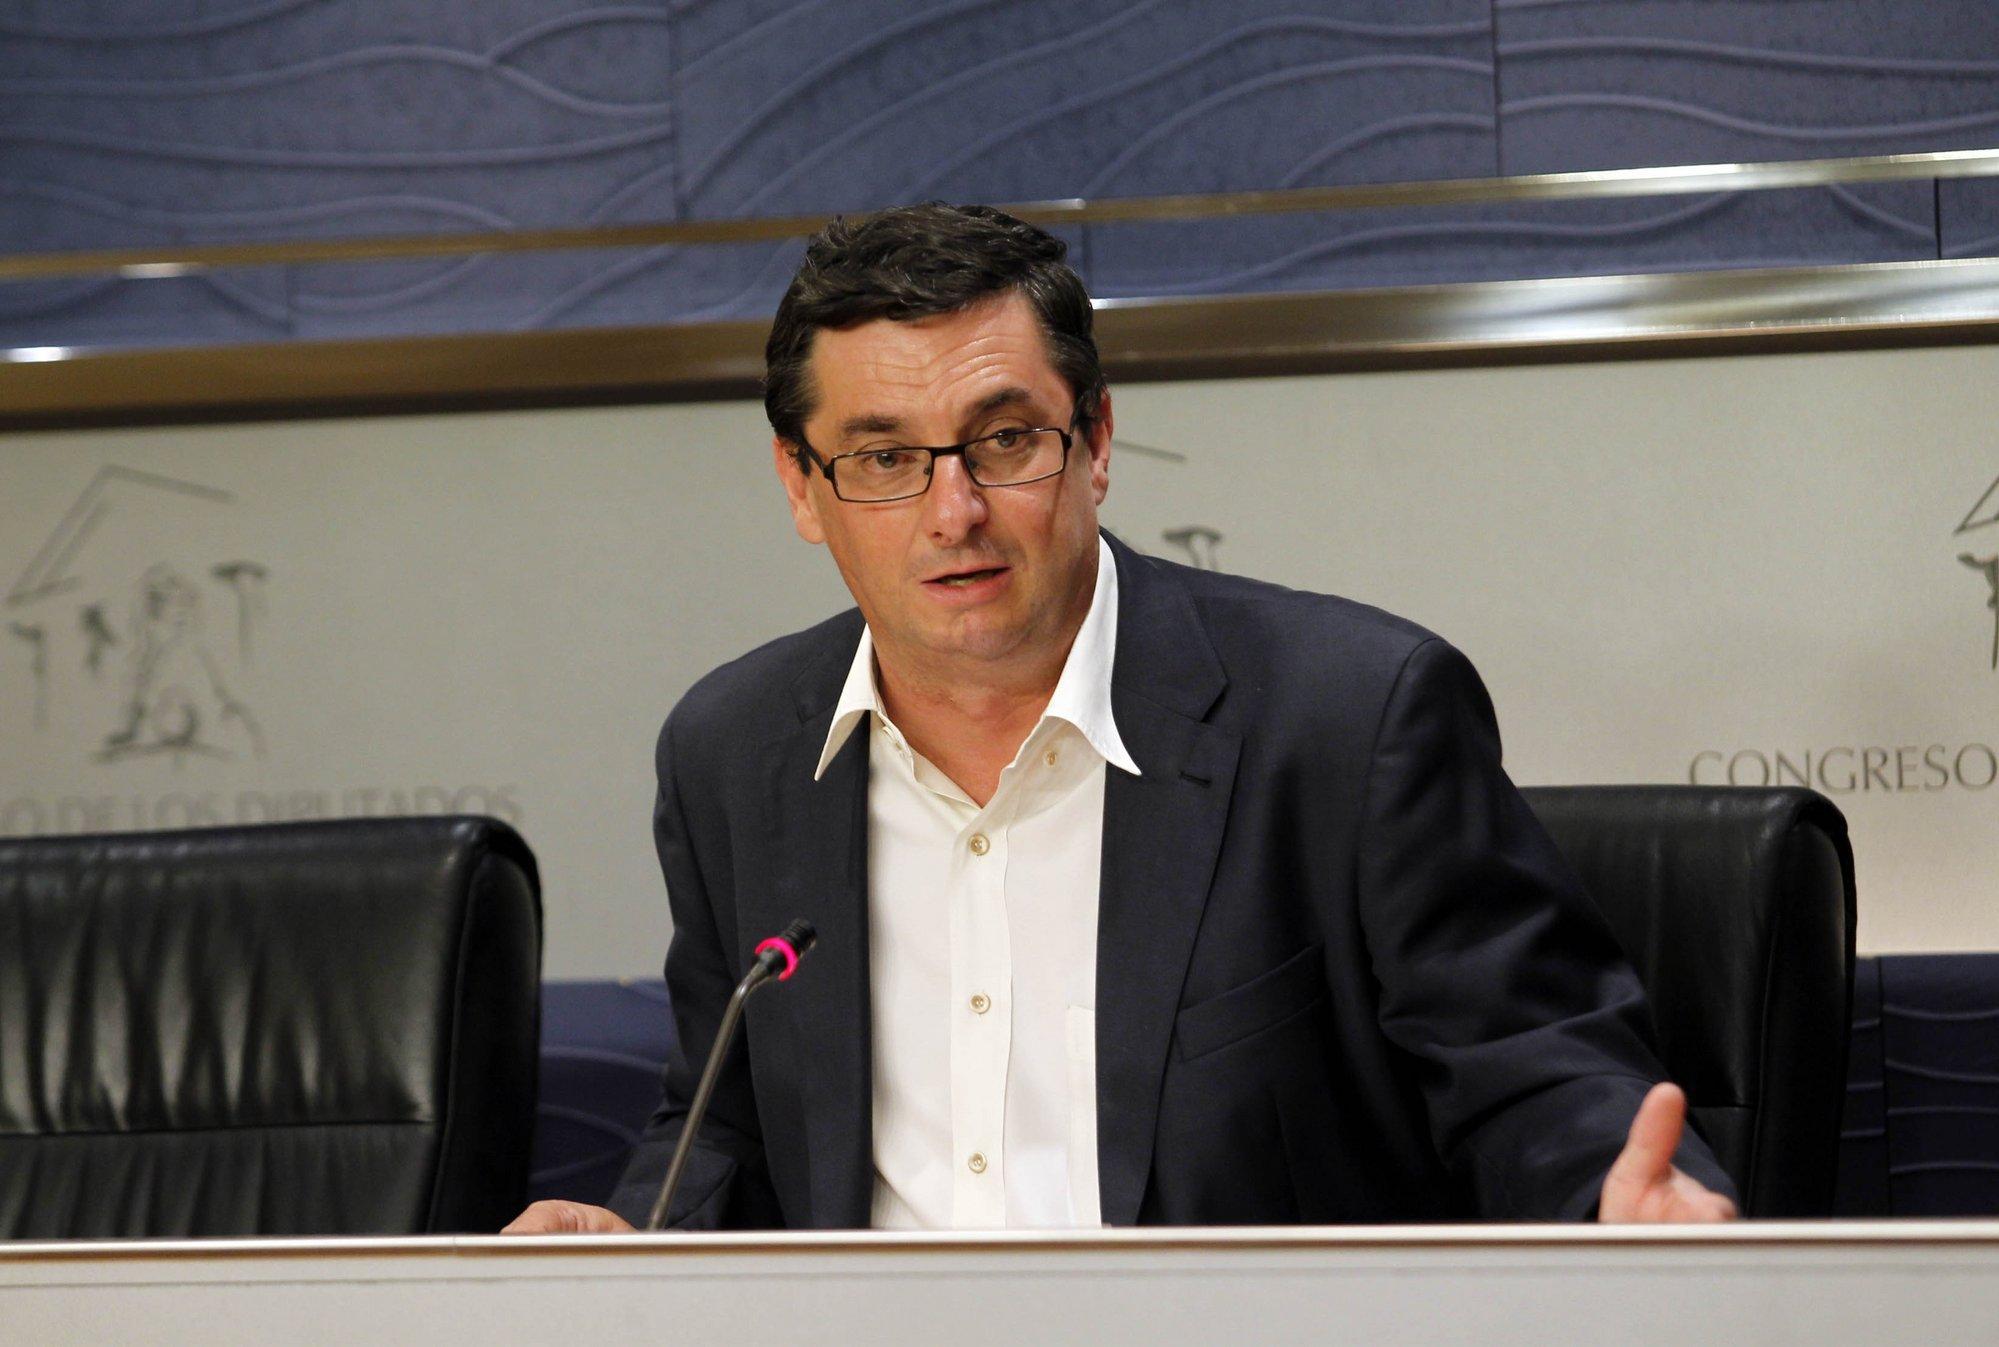 Izquierda Plural y BNG defienden mañana en el Congreso la propuesta de someter a referéndum los recortes de Rajoy